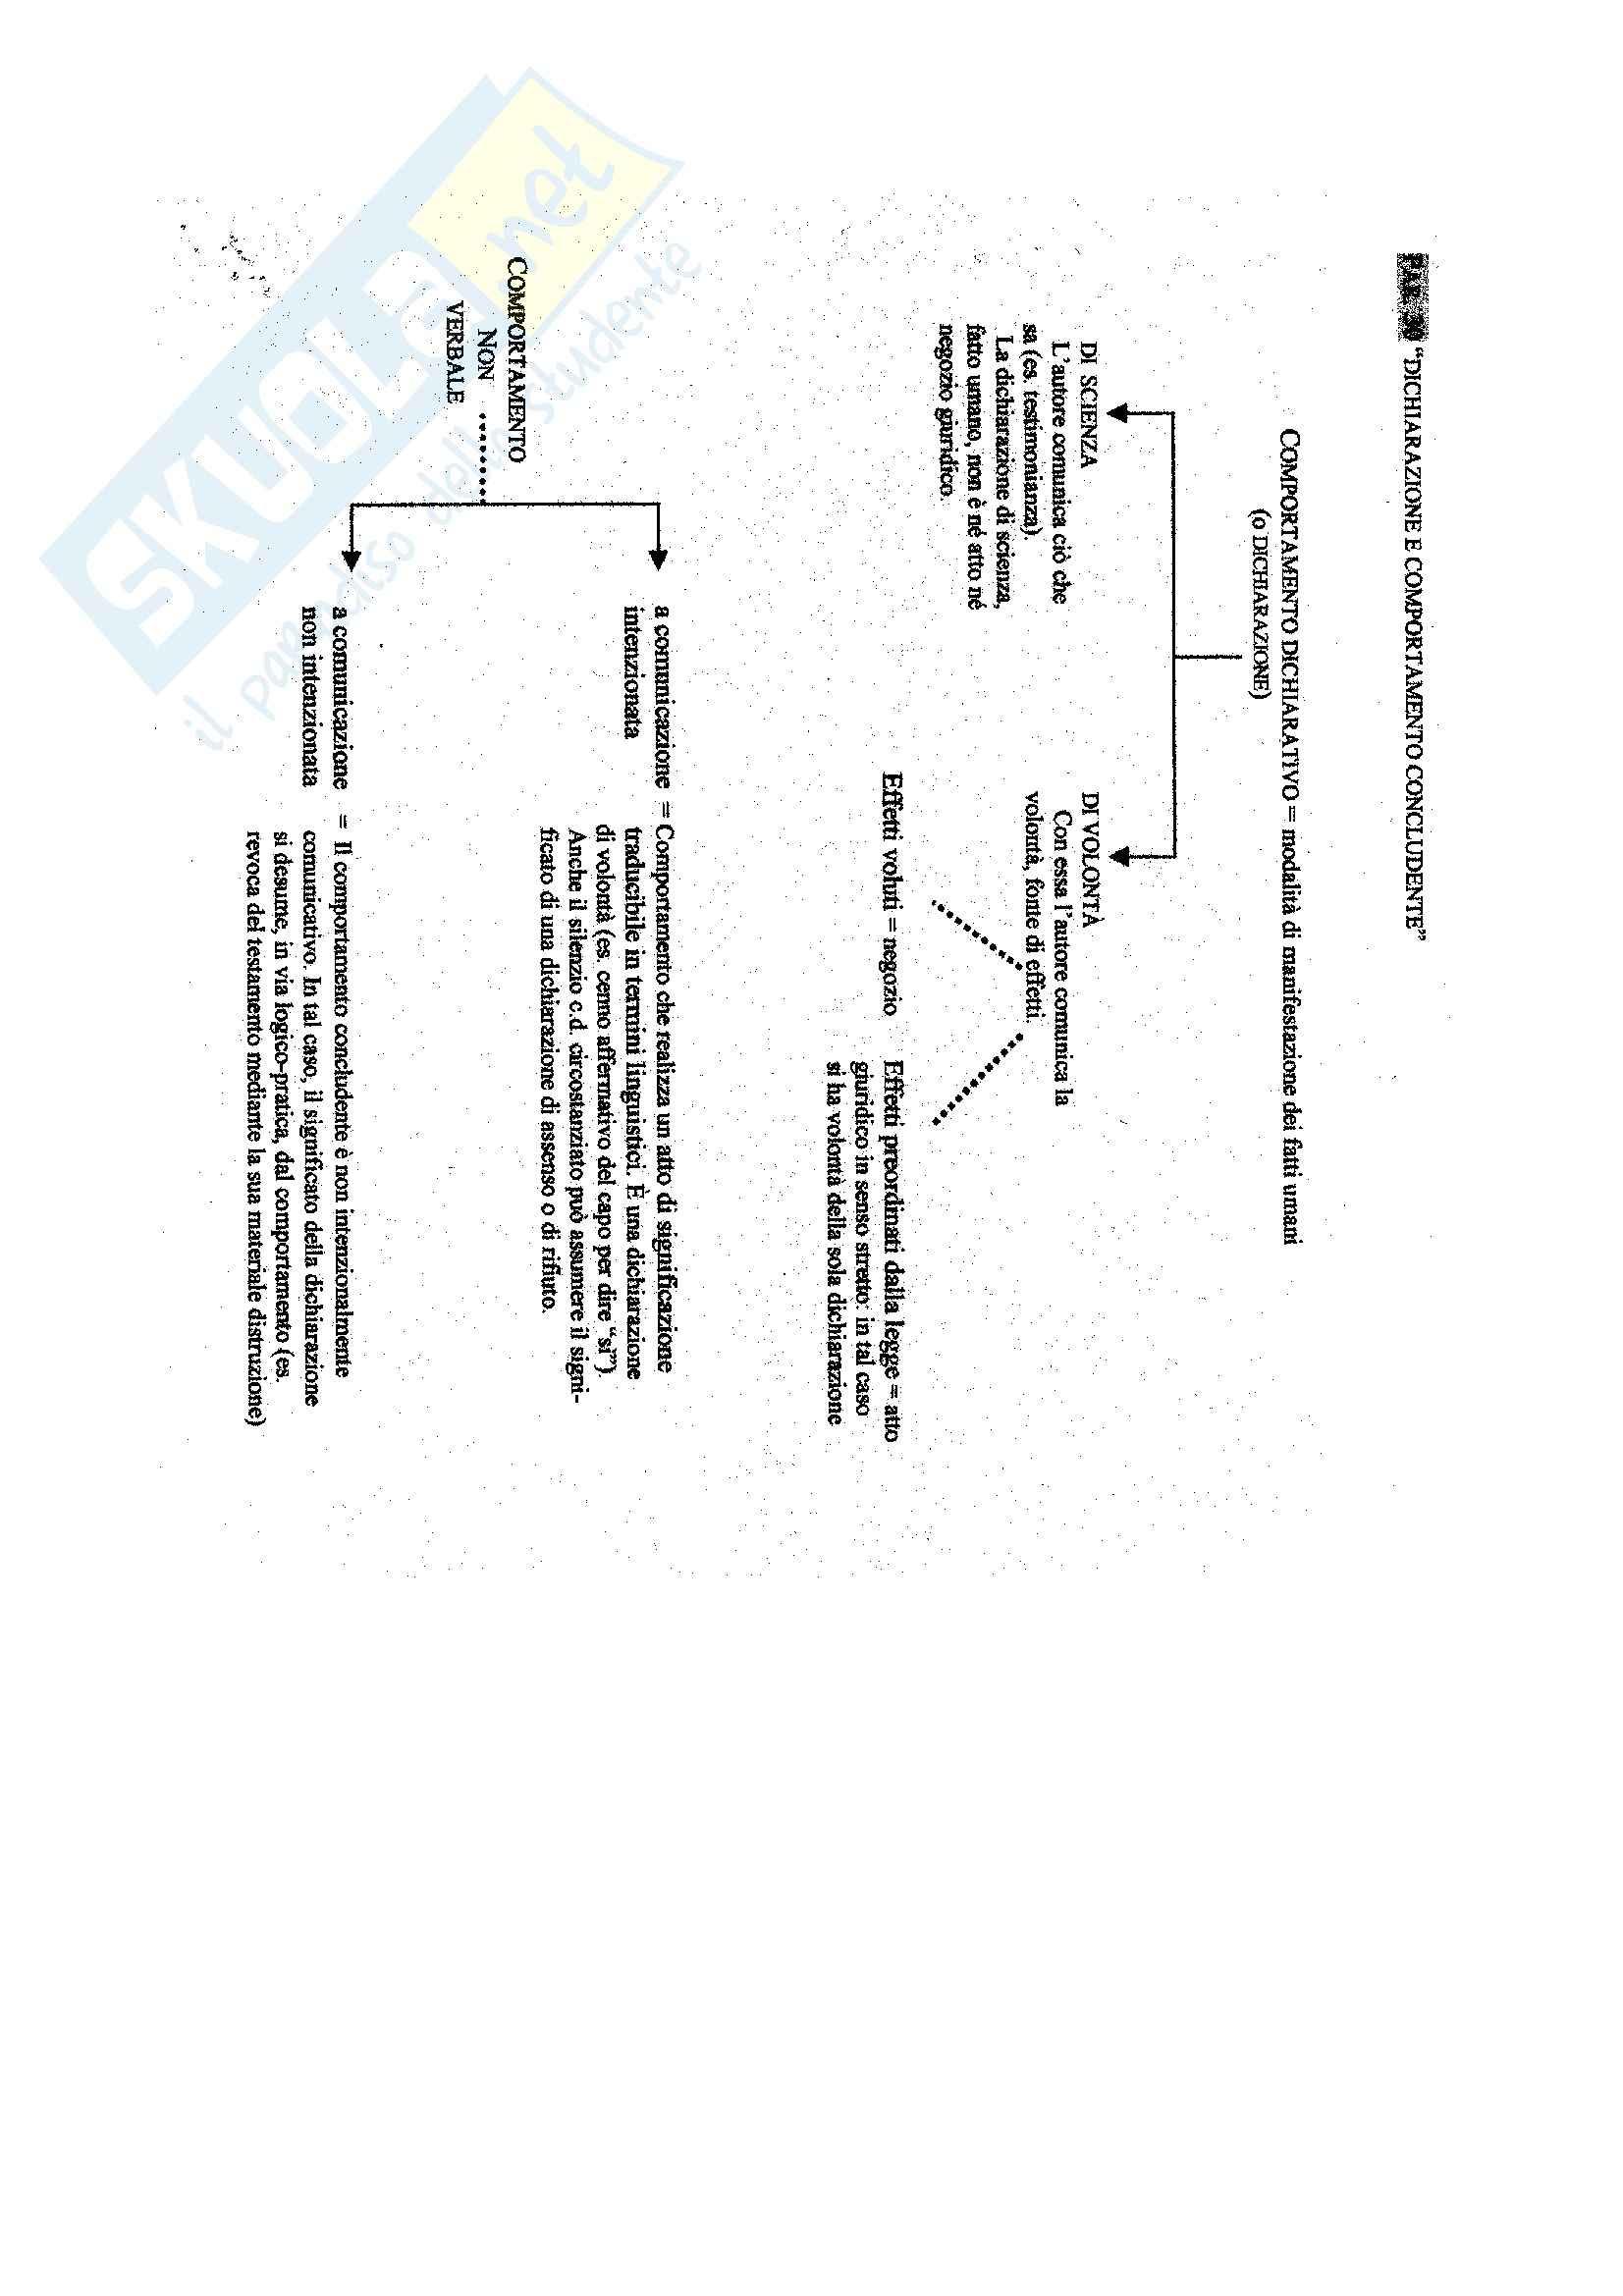 Manuale di diritto civile, Perlingieri - Schemi Pag. 11